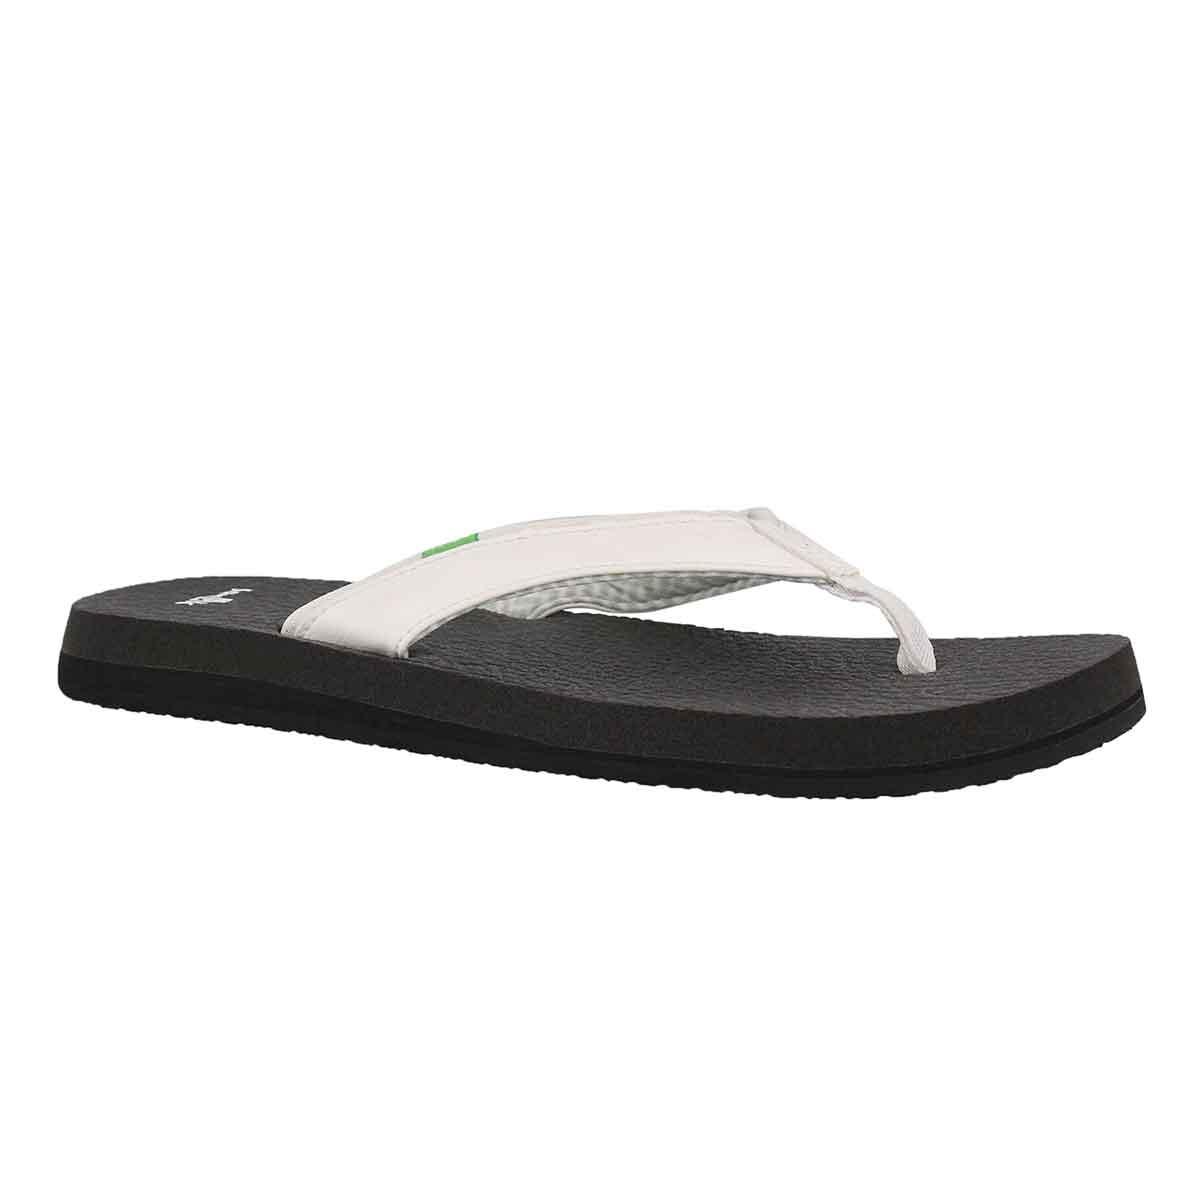 Women's YOGA MAT 2 white flip flops